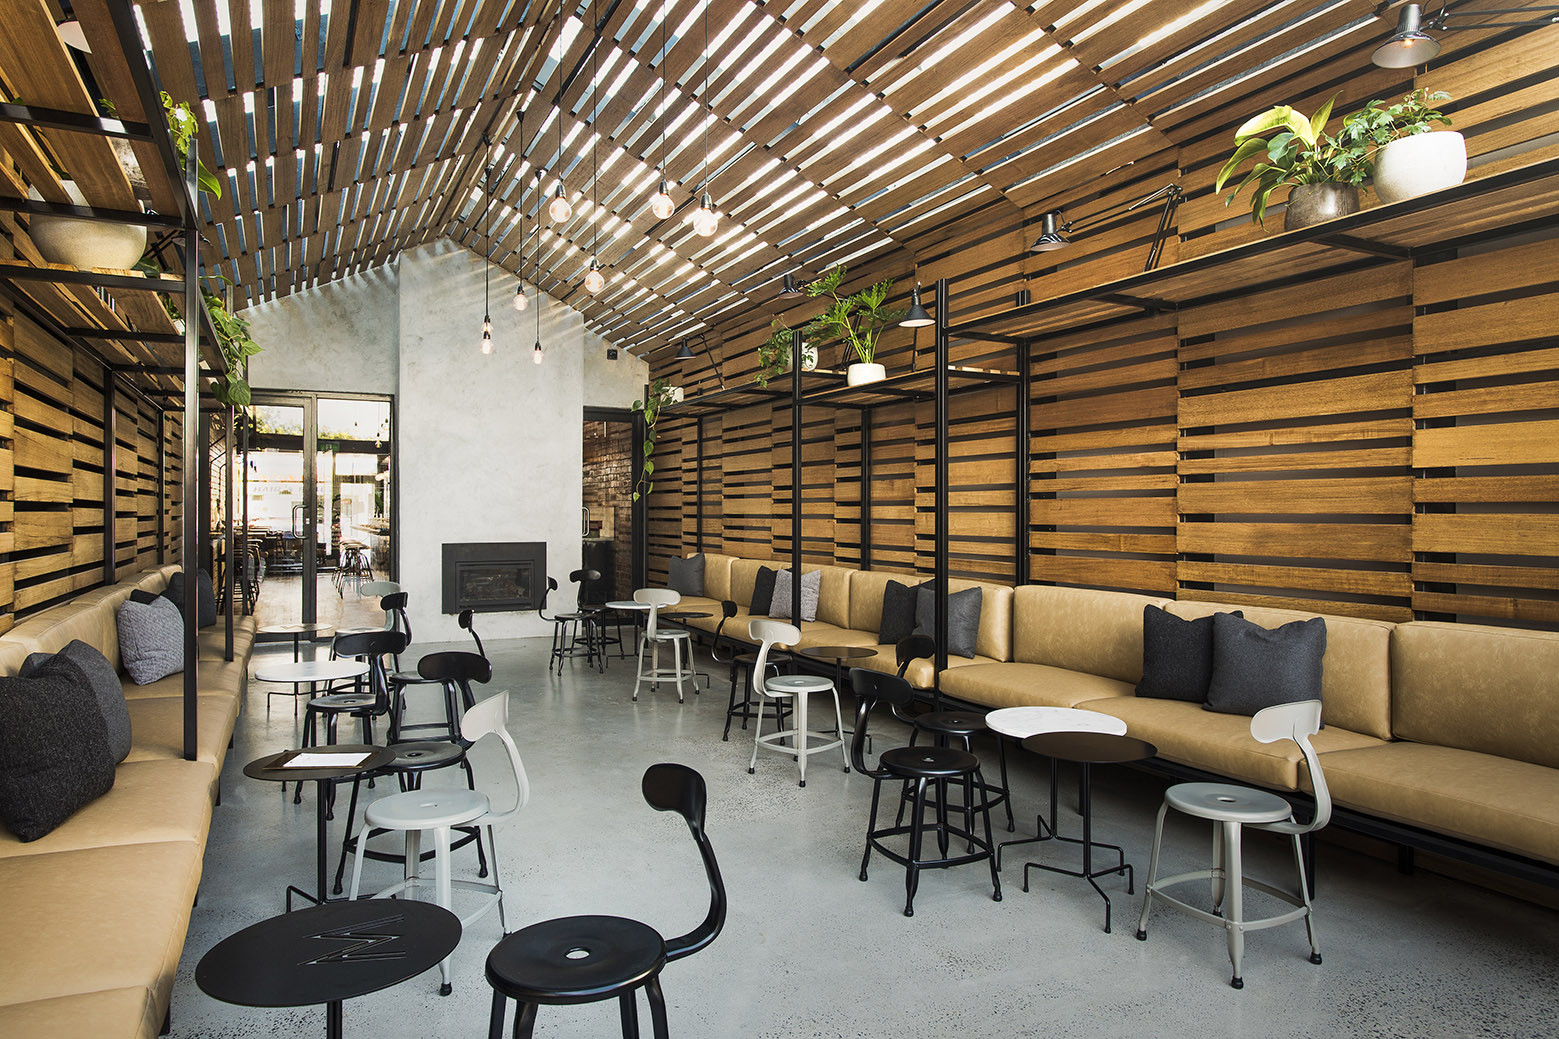 Beautiful Banquette Galeria De Restaurante The Milton Biasoldesign Studio 10